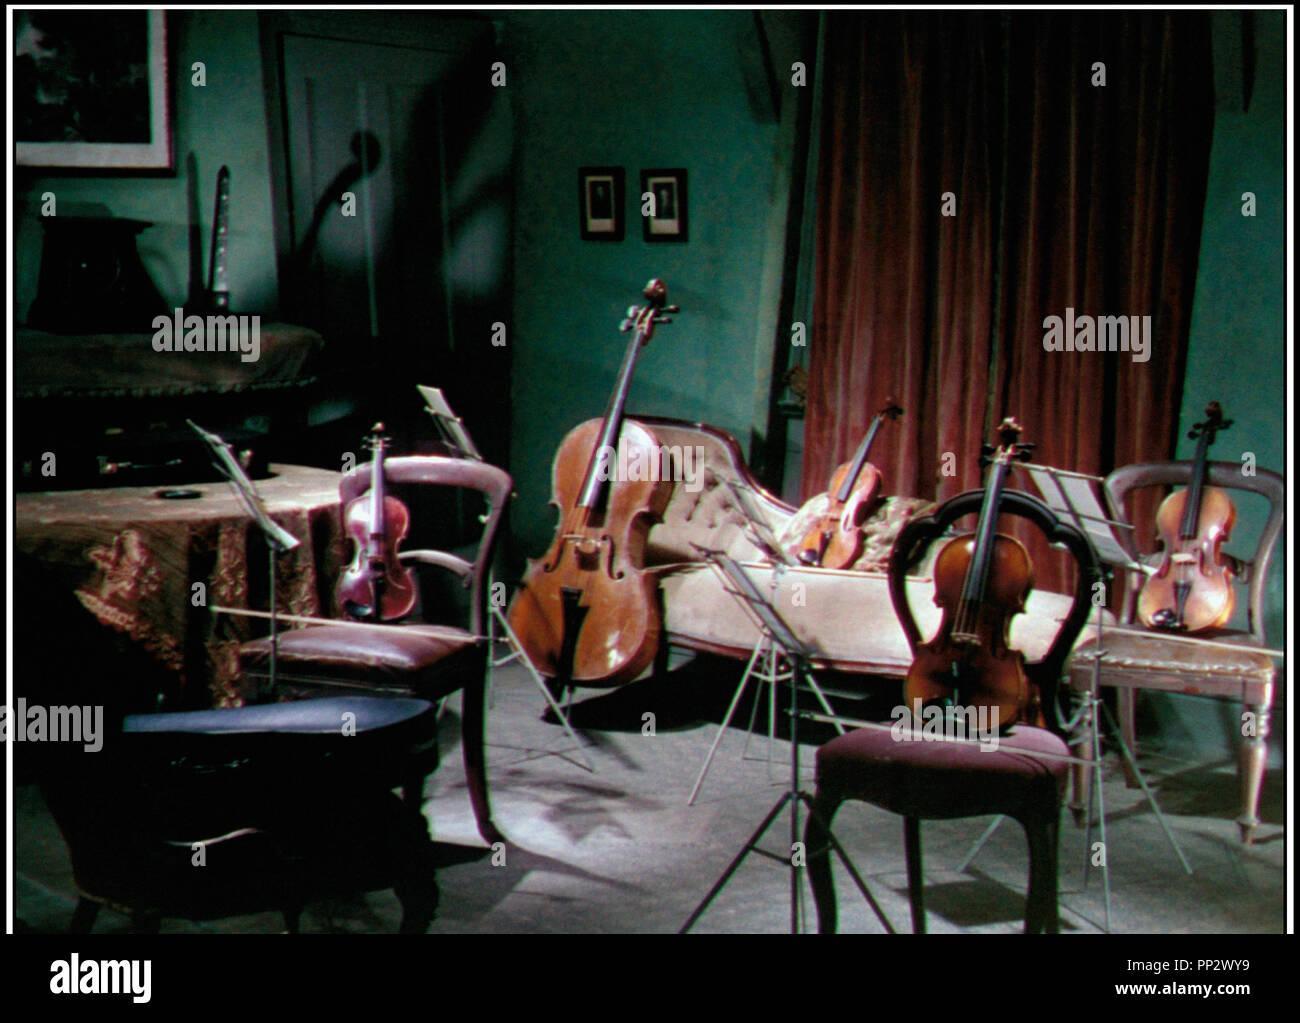 Prod DB © Rank Organisation / DR TUEURS DE DAMES (THE LADYKILLERS) de Alexander Mackendrick 1955 GB instrument de musique classique de la comedie anglaise, comedie noire - Stock Image